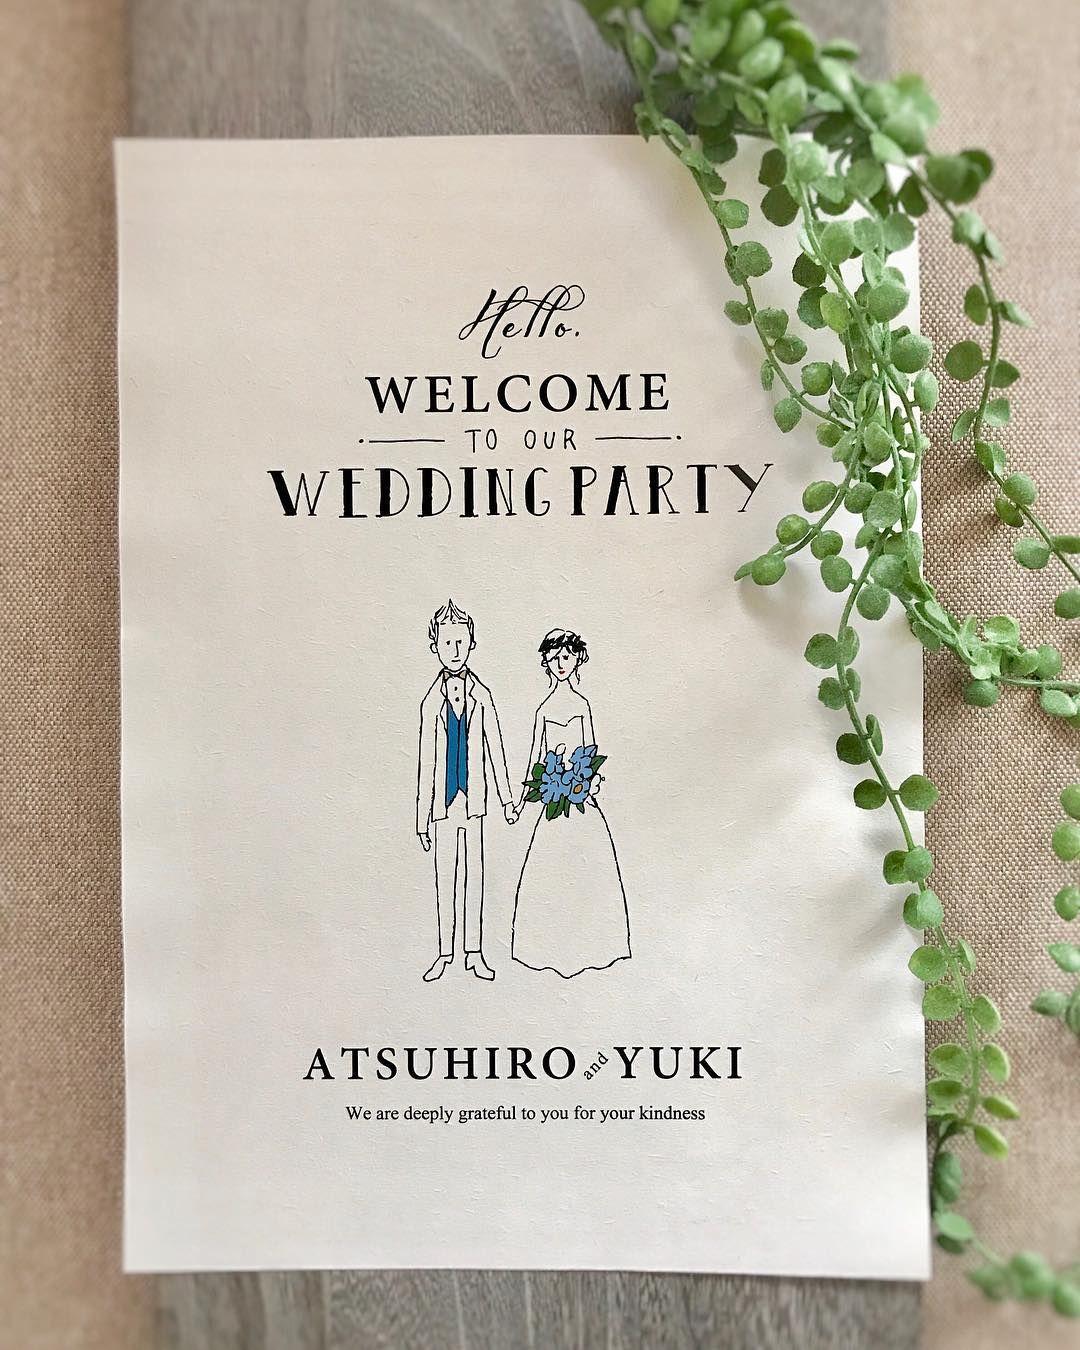 DIYしたりオーダーしたり、準備の仕方はそれぞれだと思いますが せっかく結婚式の為に用意したウェルカムボードです。結婚式後もお家に飾って、インテリアとして